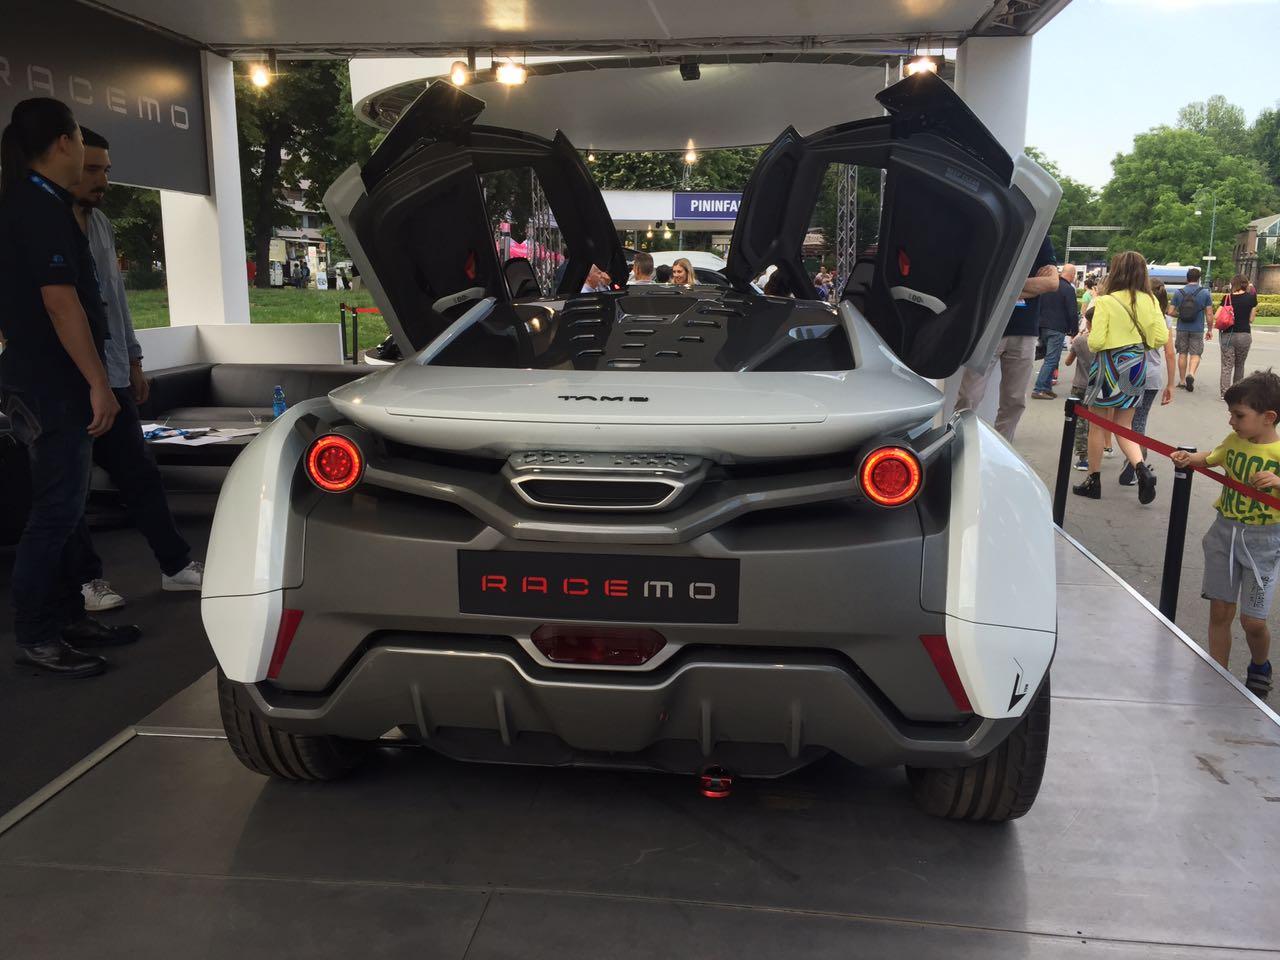 Salone dell'automobile di Torino 2017